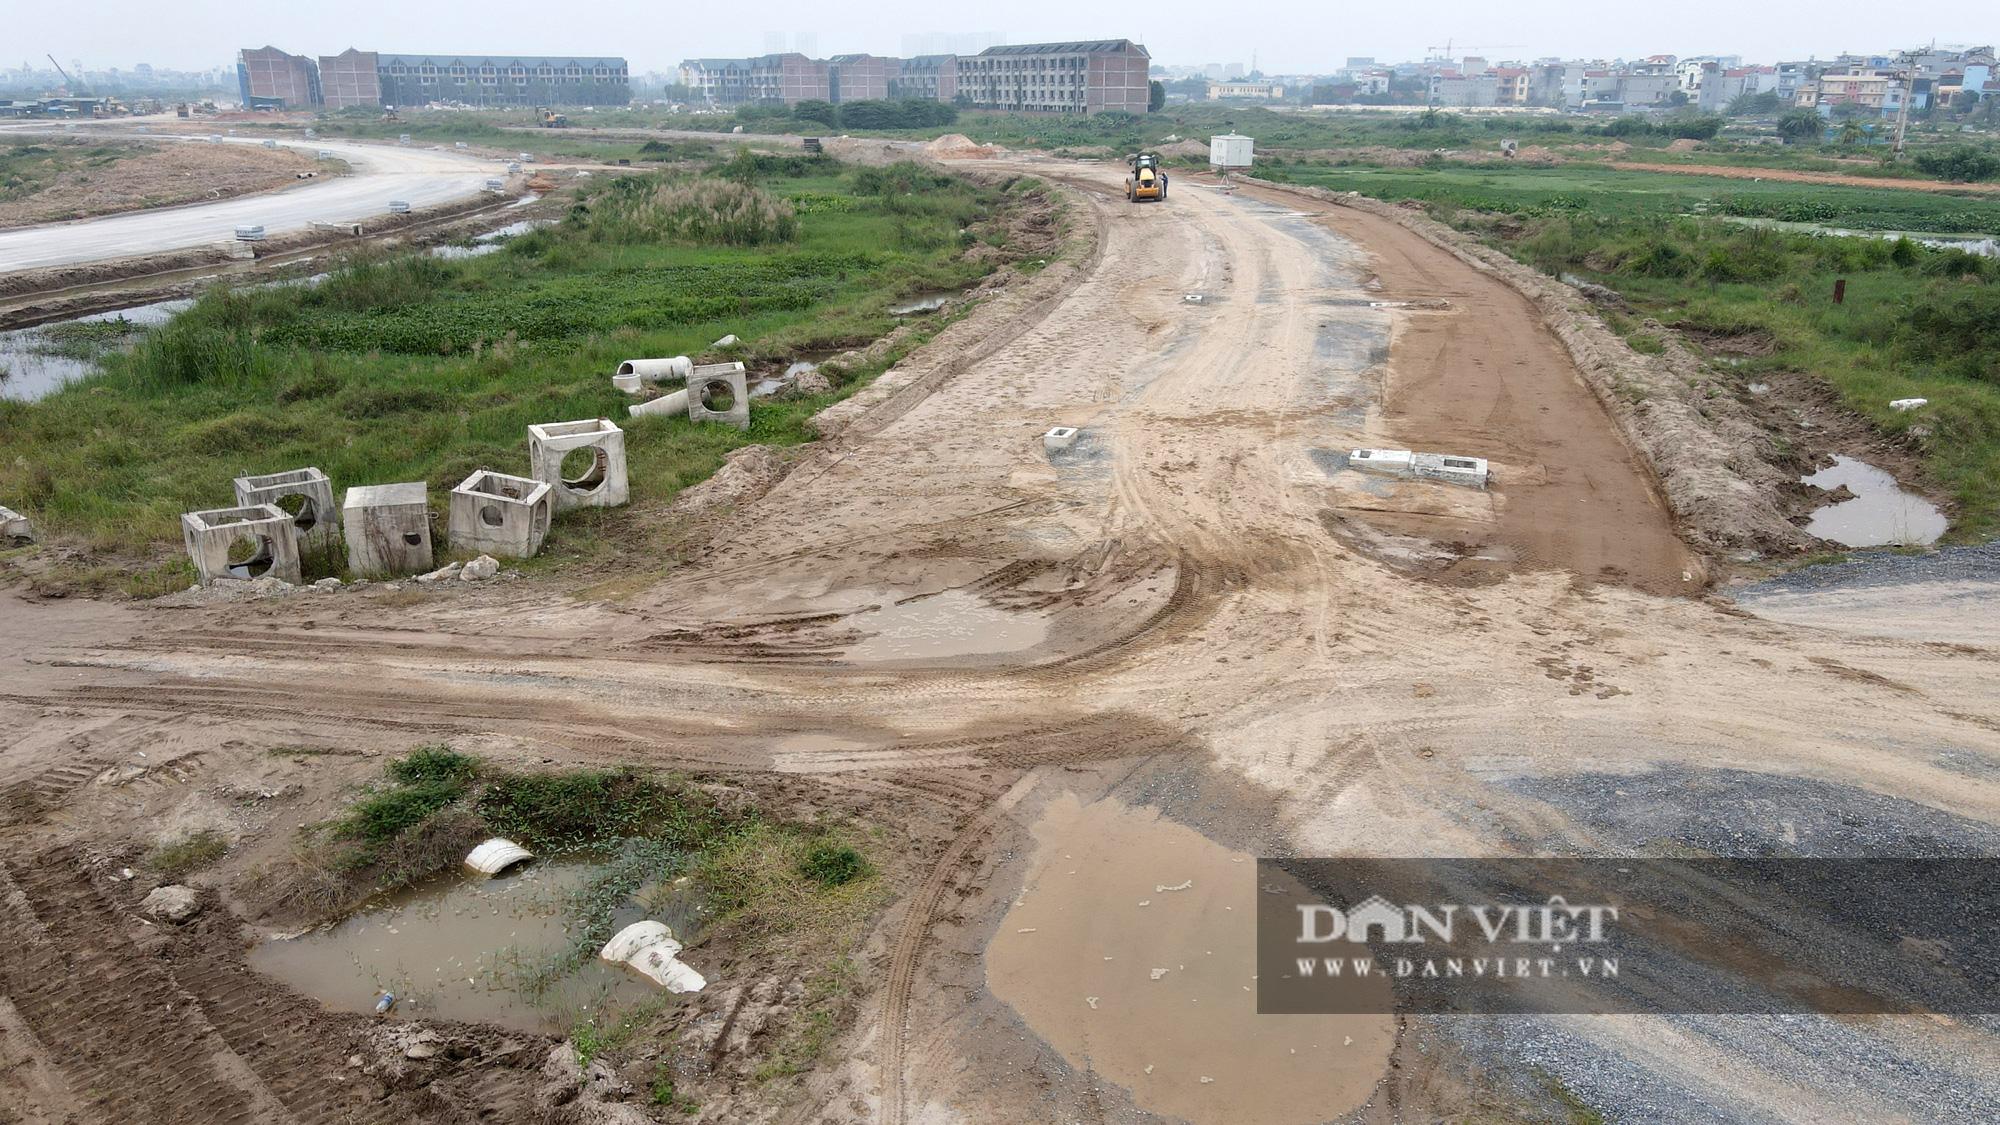 Cận cảnh dự án Kim Chung – Di Trạch ồ ạt rao bán khi nợ thuế, chưa xong hạ tầng - Ảnh 3.